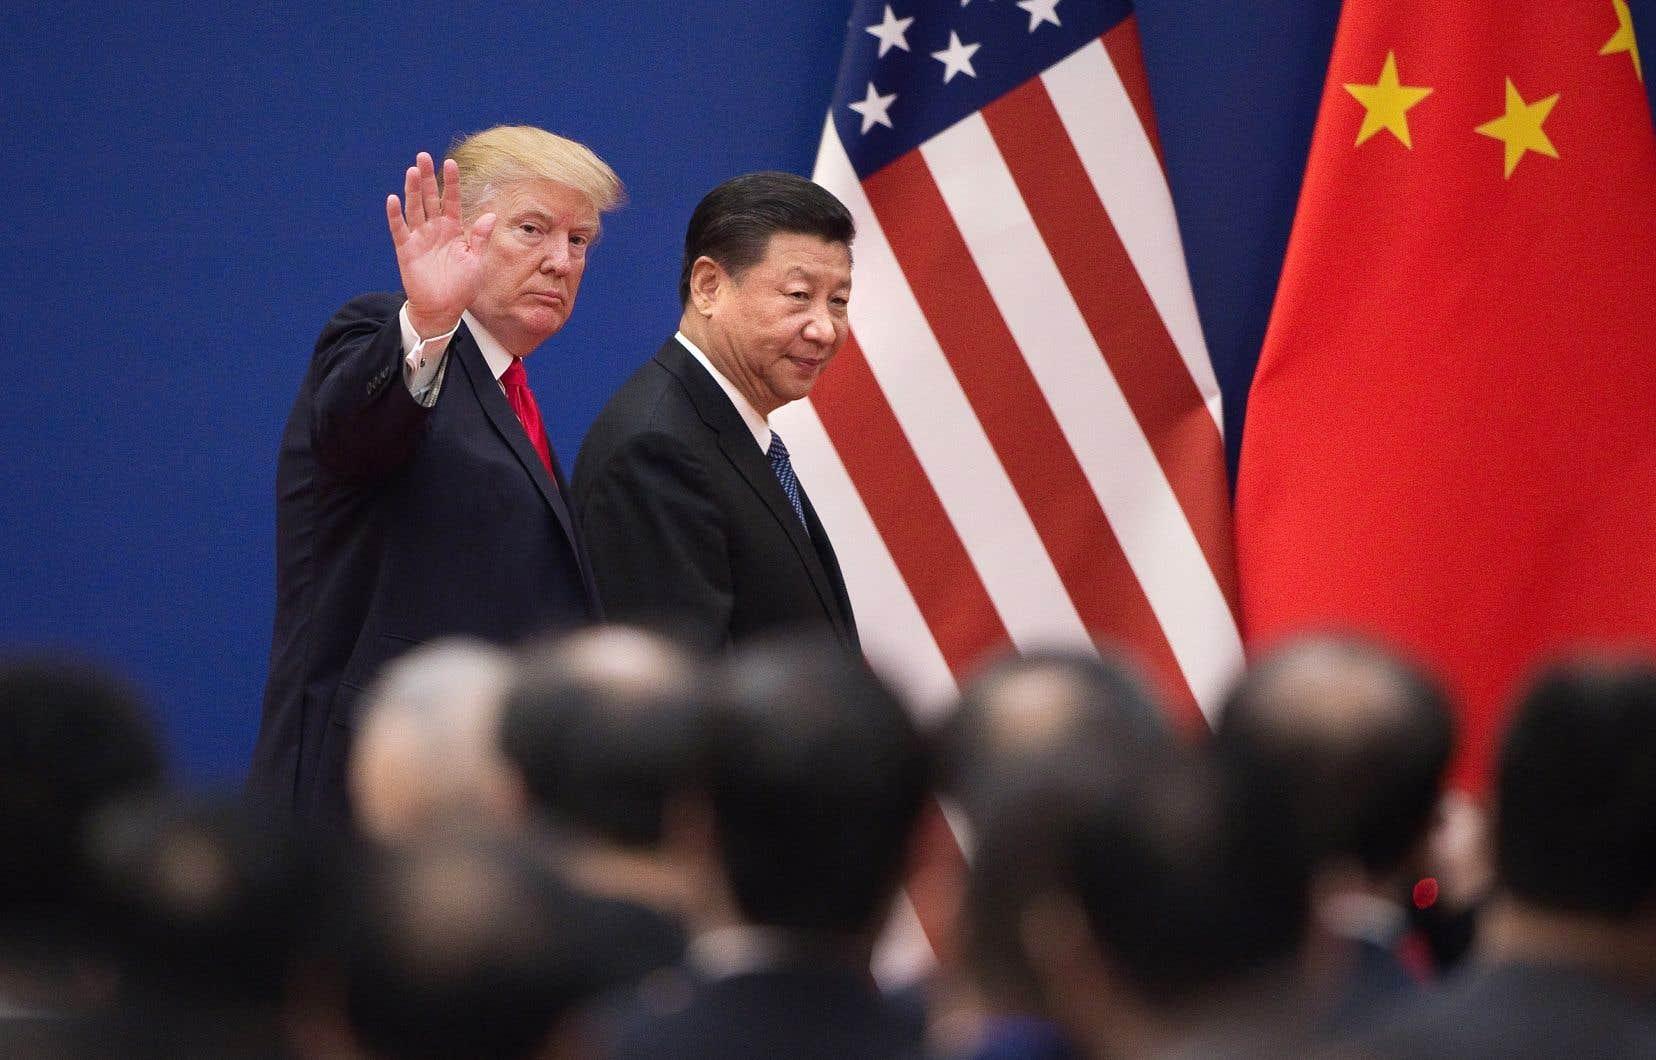 En plus d'un an et demi d'affrontement à coups de droits de douane, le président chinois, Xi Jinping, s'est très rarement prononcé publiquement sur le conflit qui accentue le ralentissement économique de son pays.